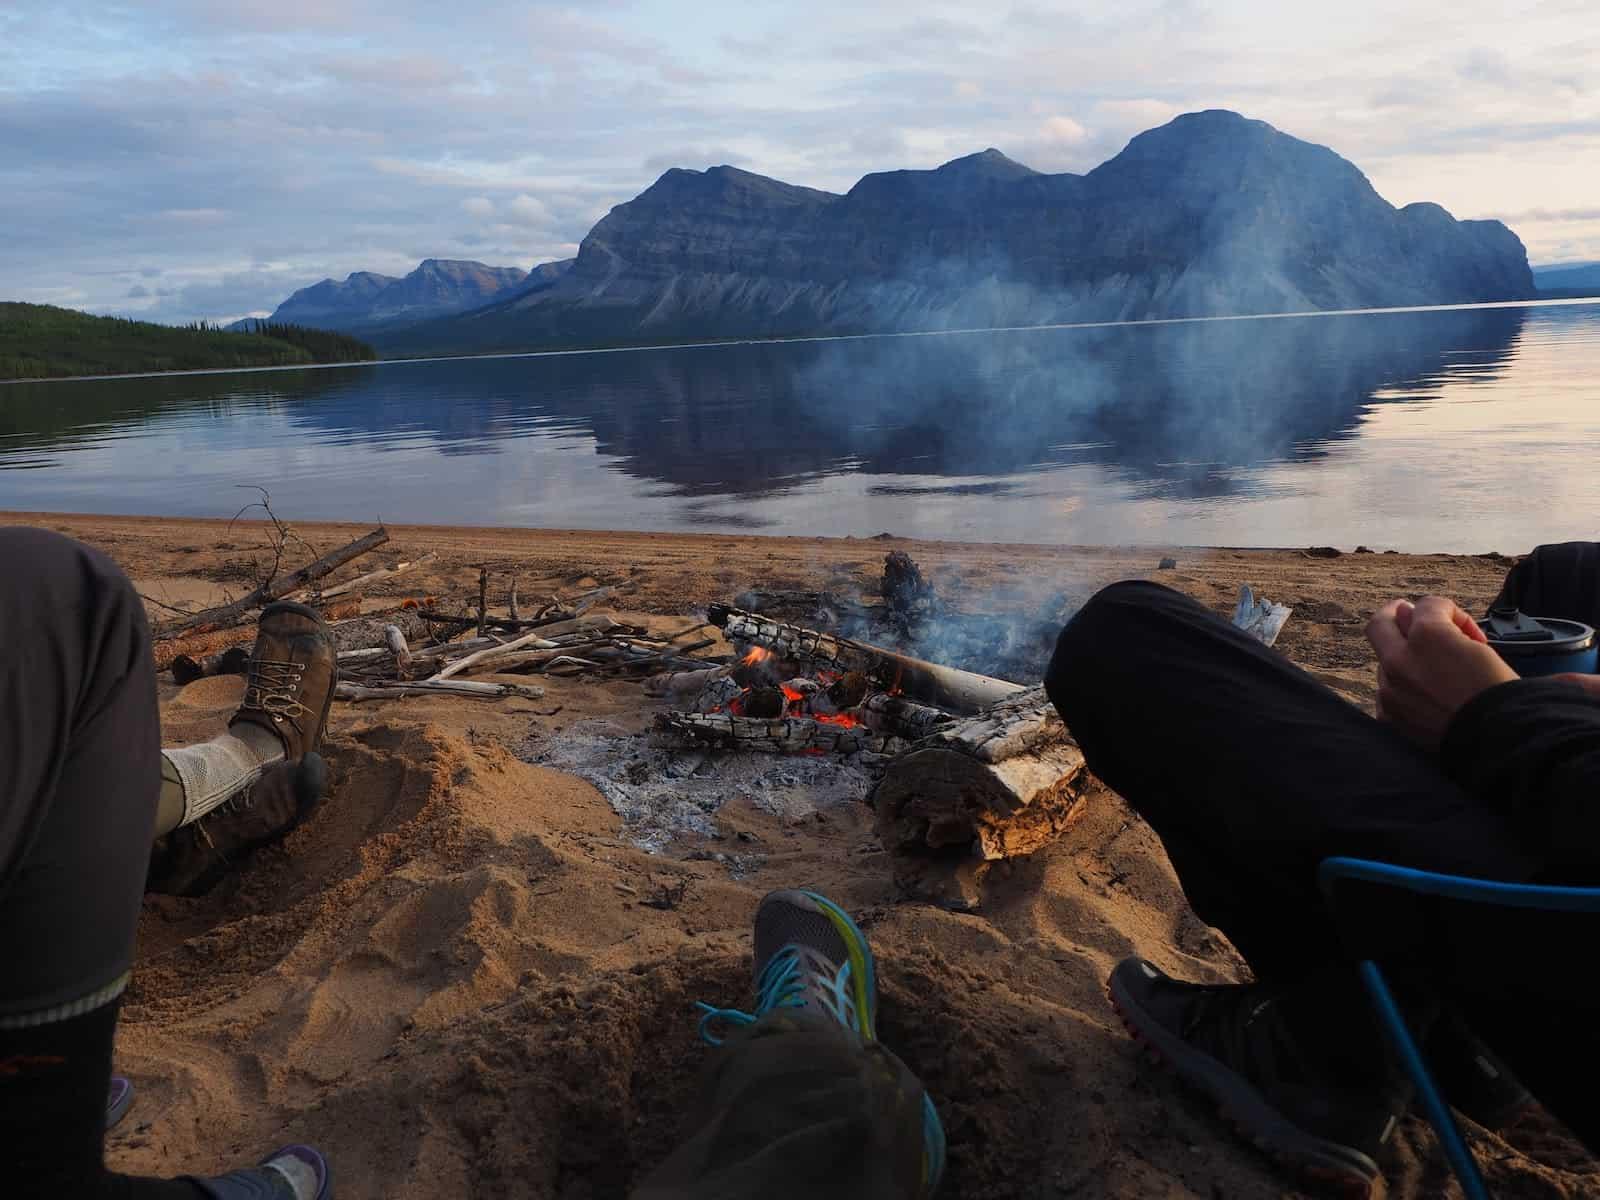 Nahanni River by Canoe: Campfire on a beach